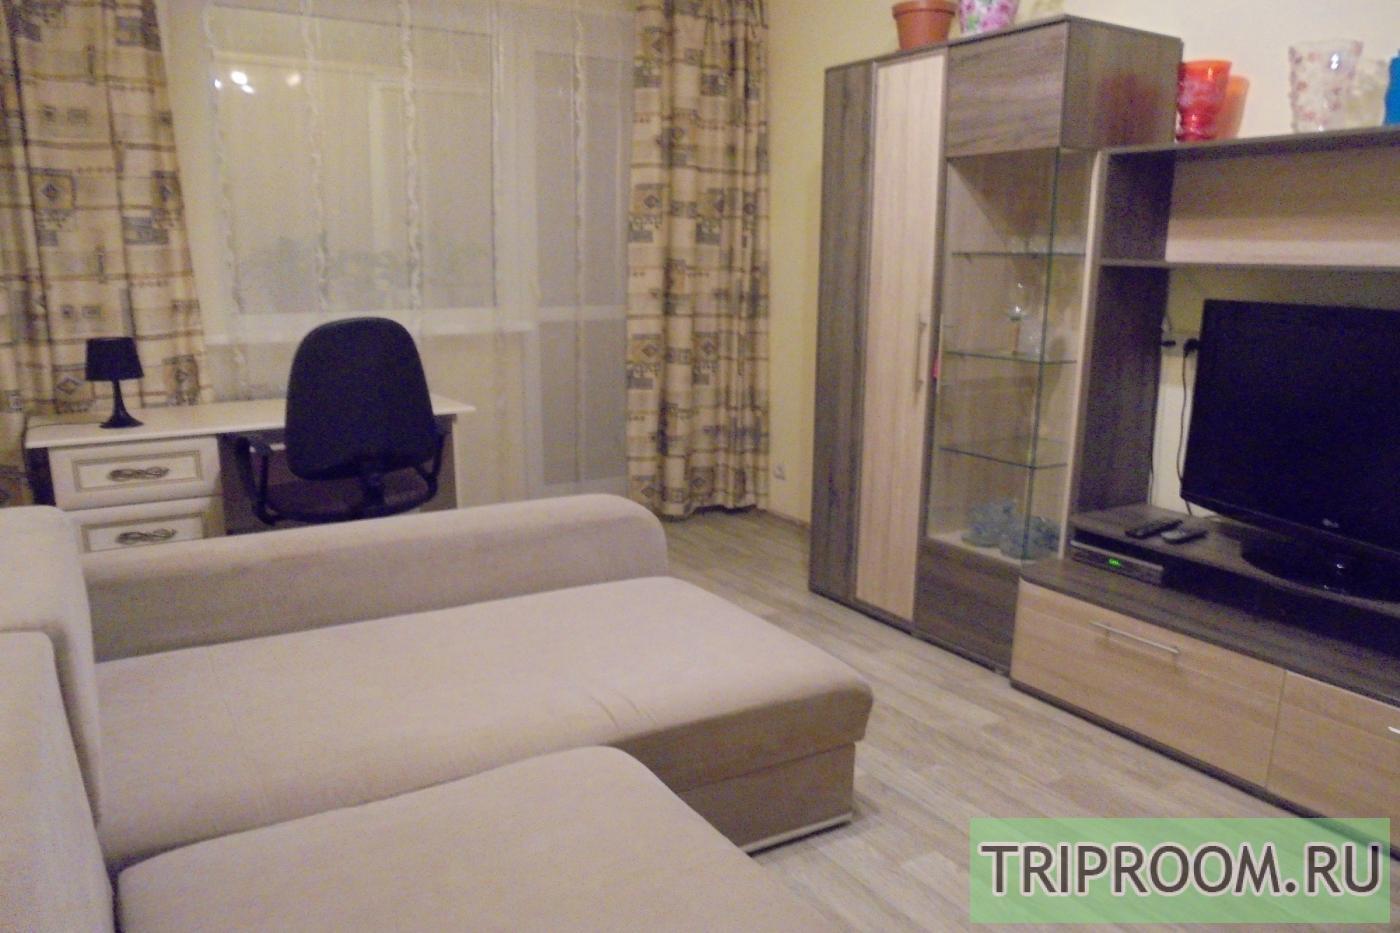 2-комнатная квартира посуточно (вариант № 18335), ул. Ефремова улица, фото № 4